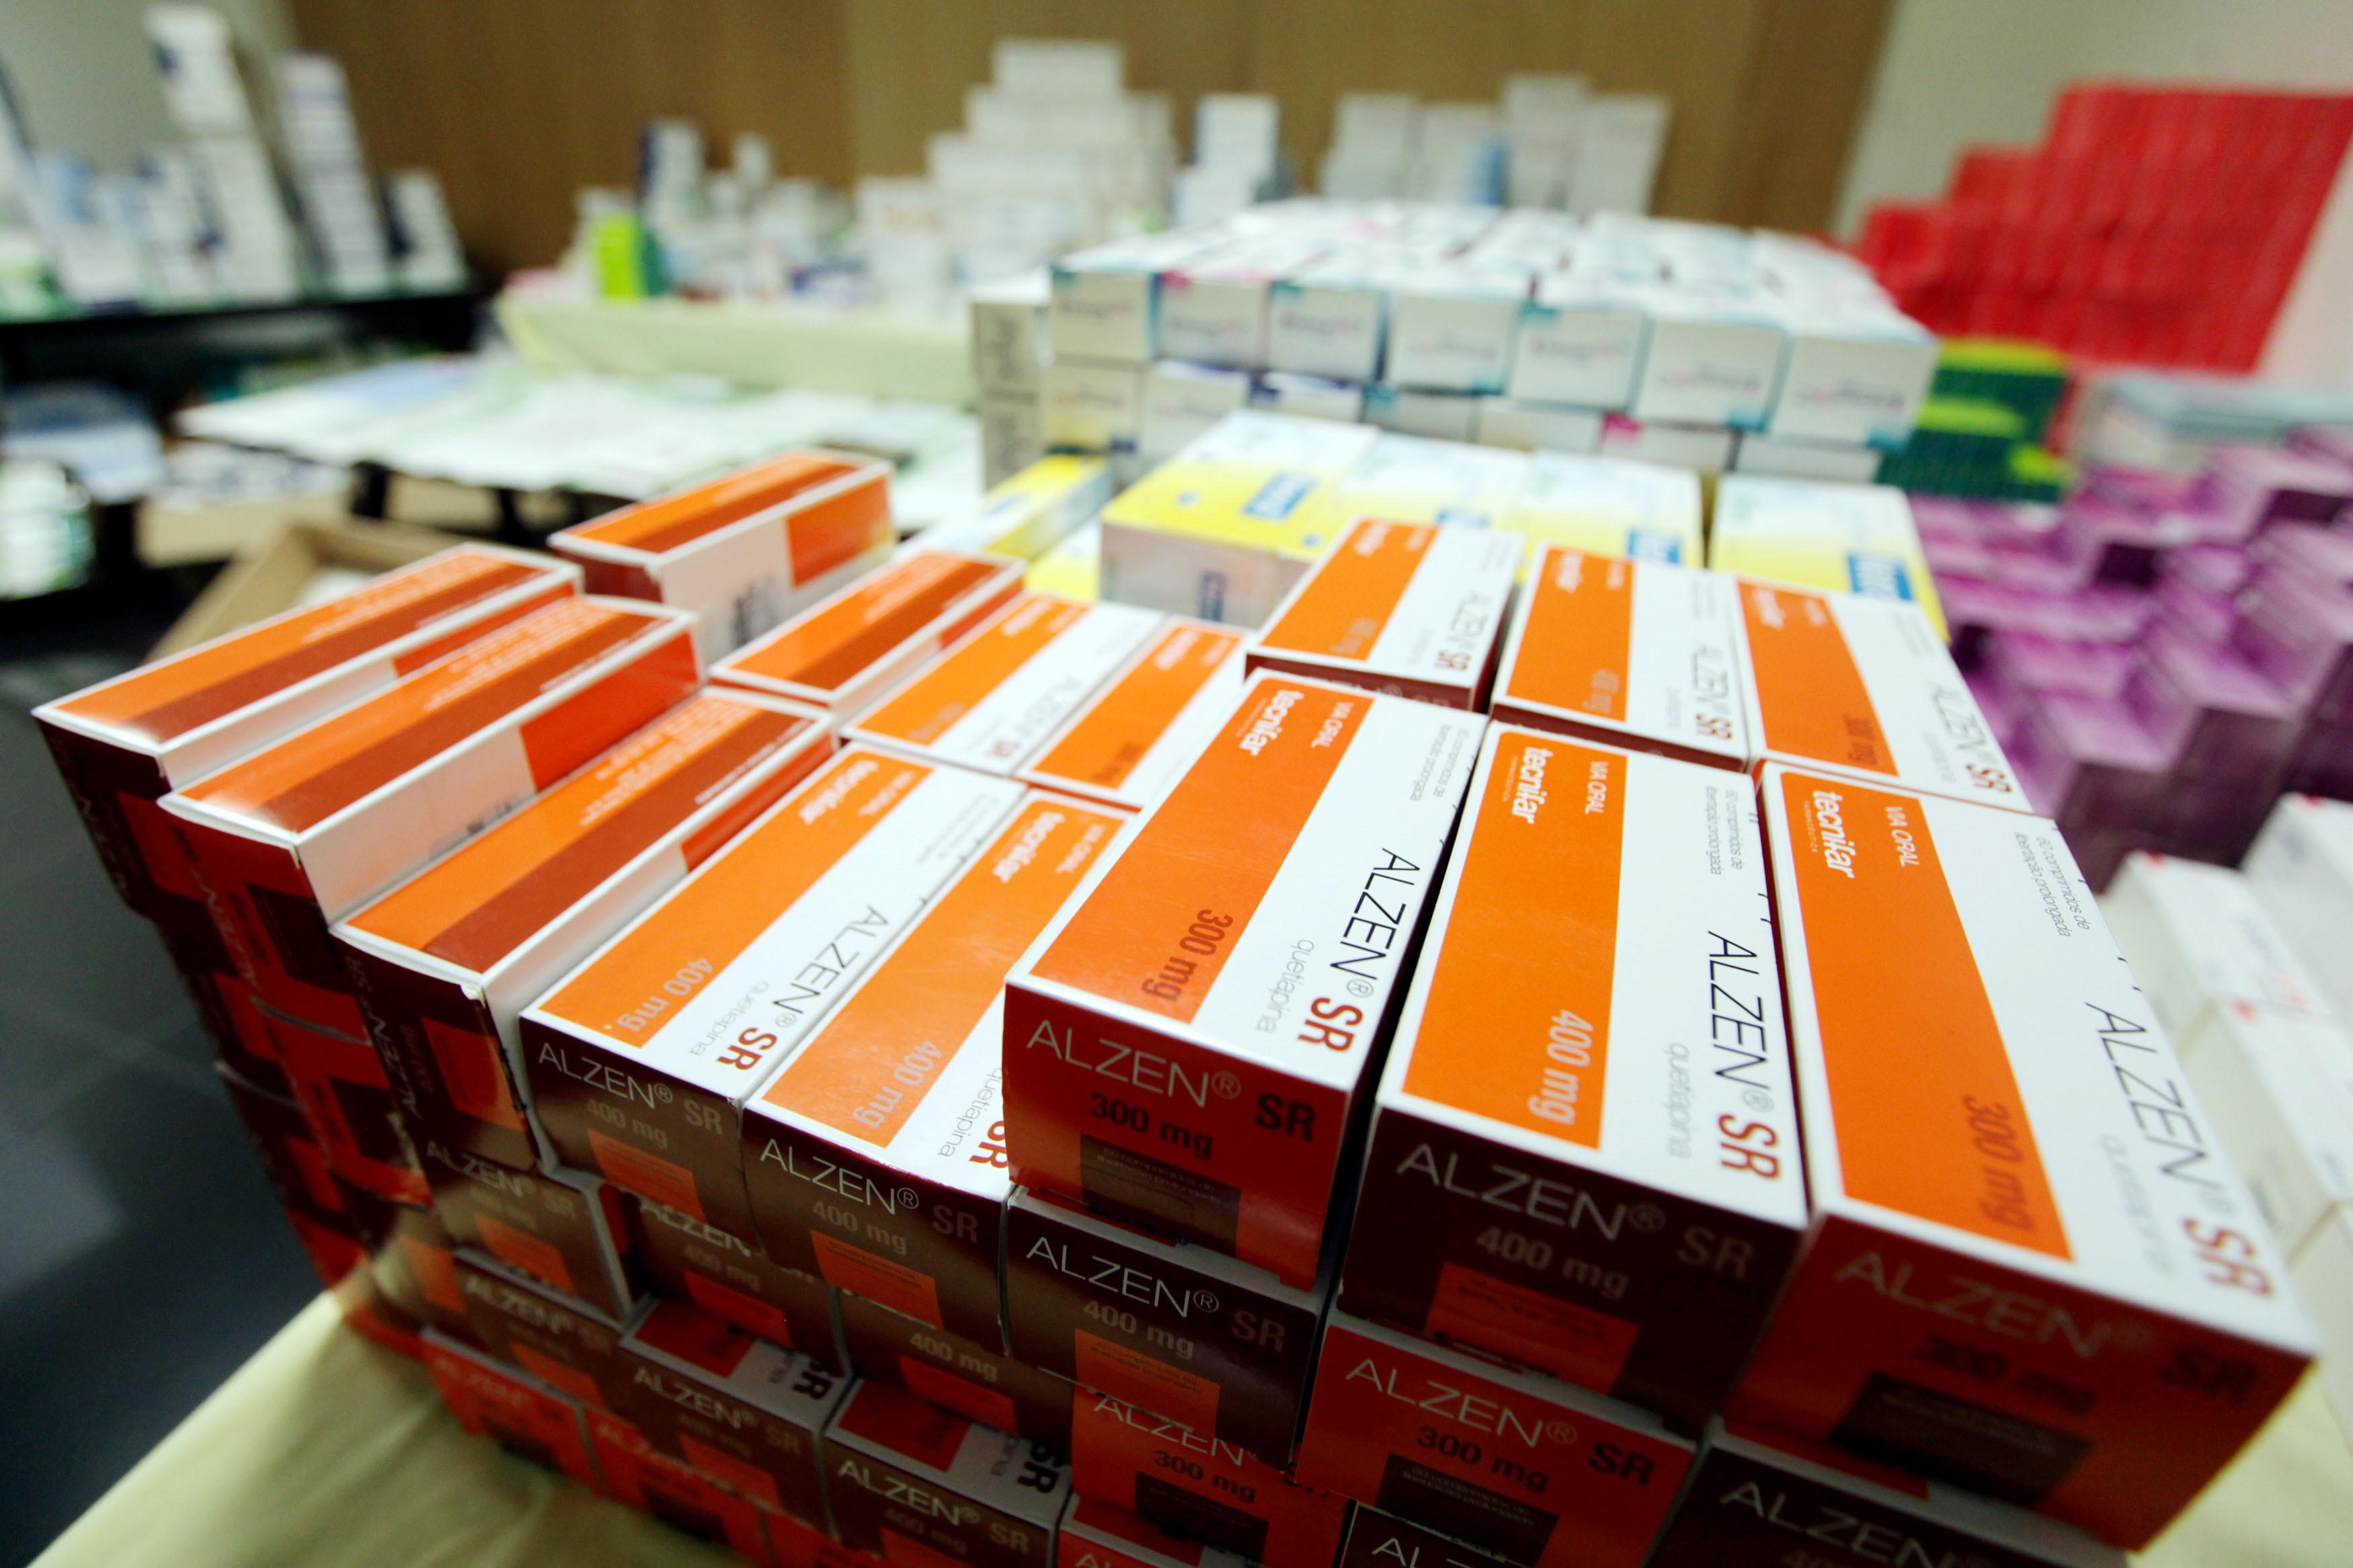 BE quer comparticipação total de todos os medicamentos para os reformados dos lanifícios